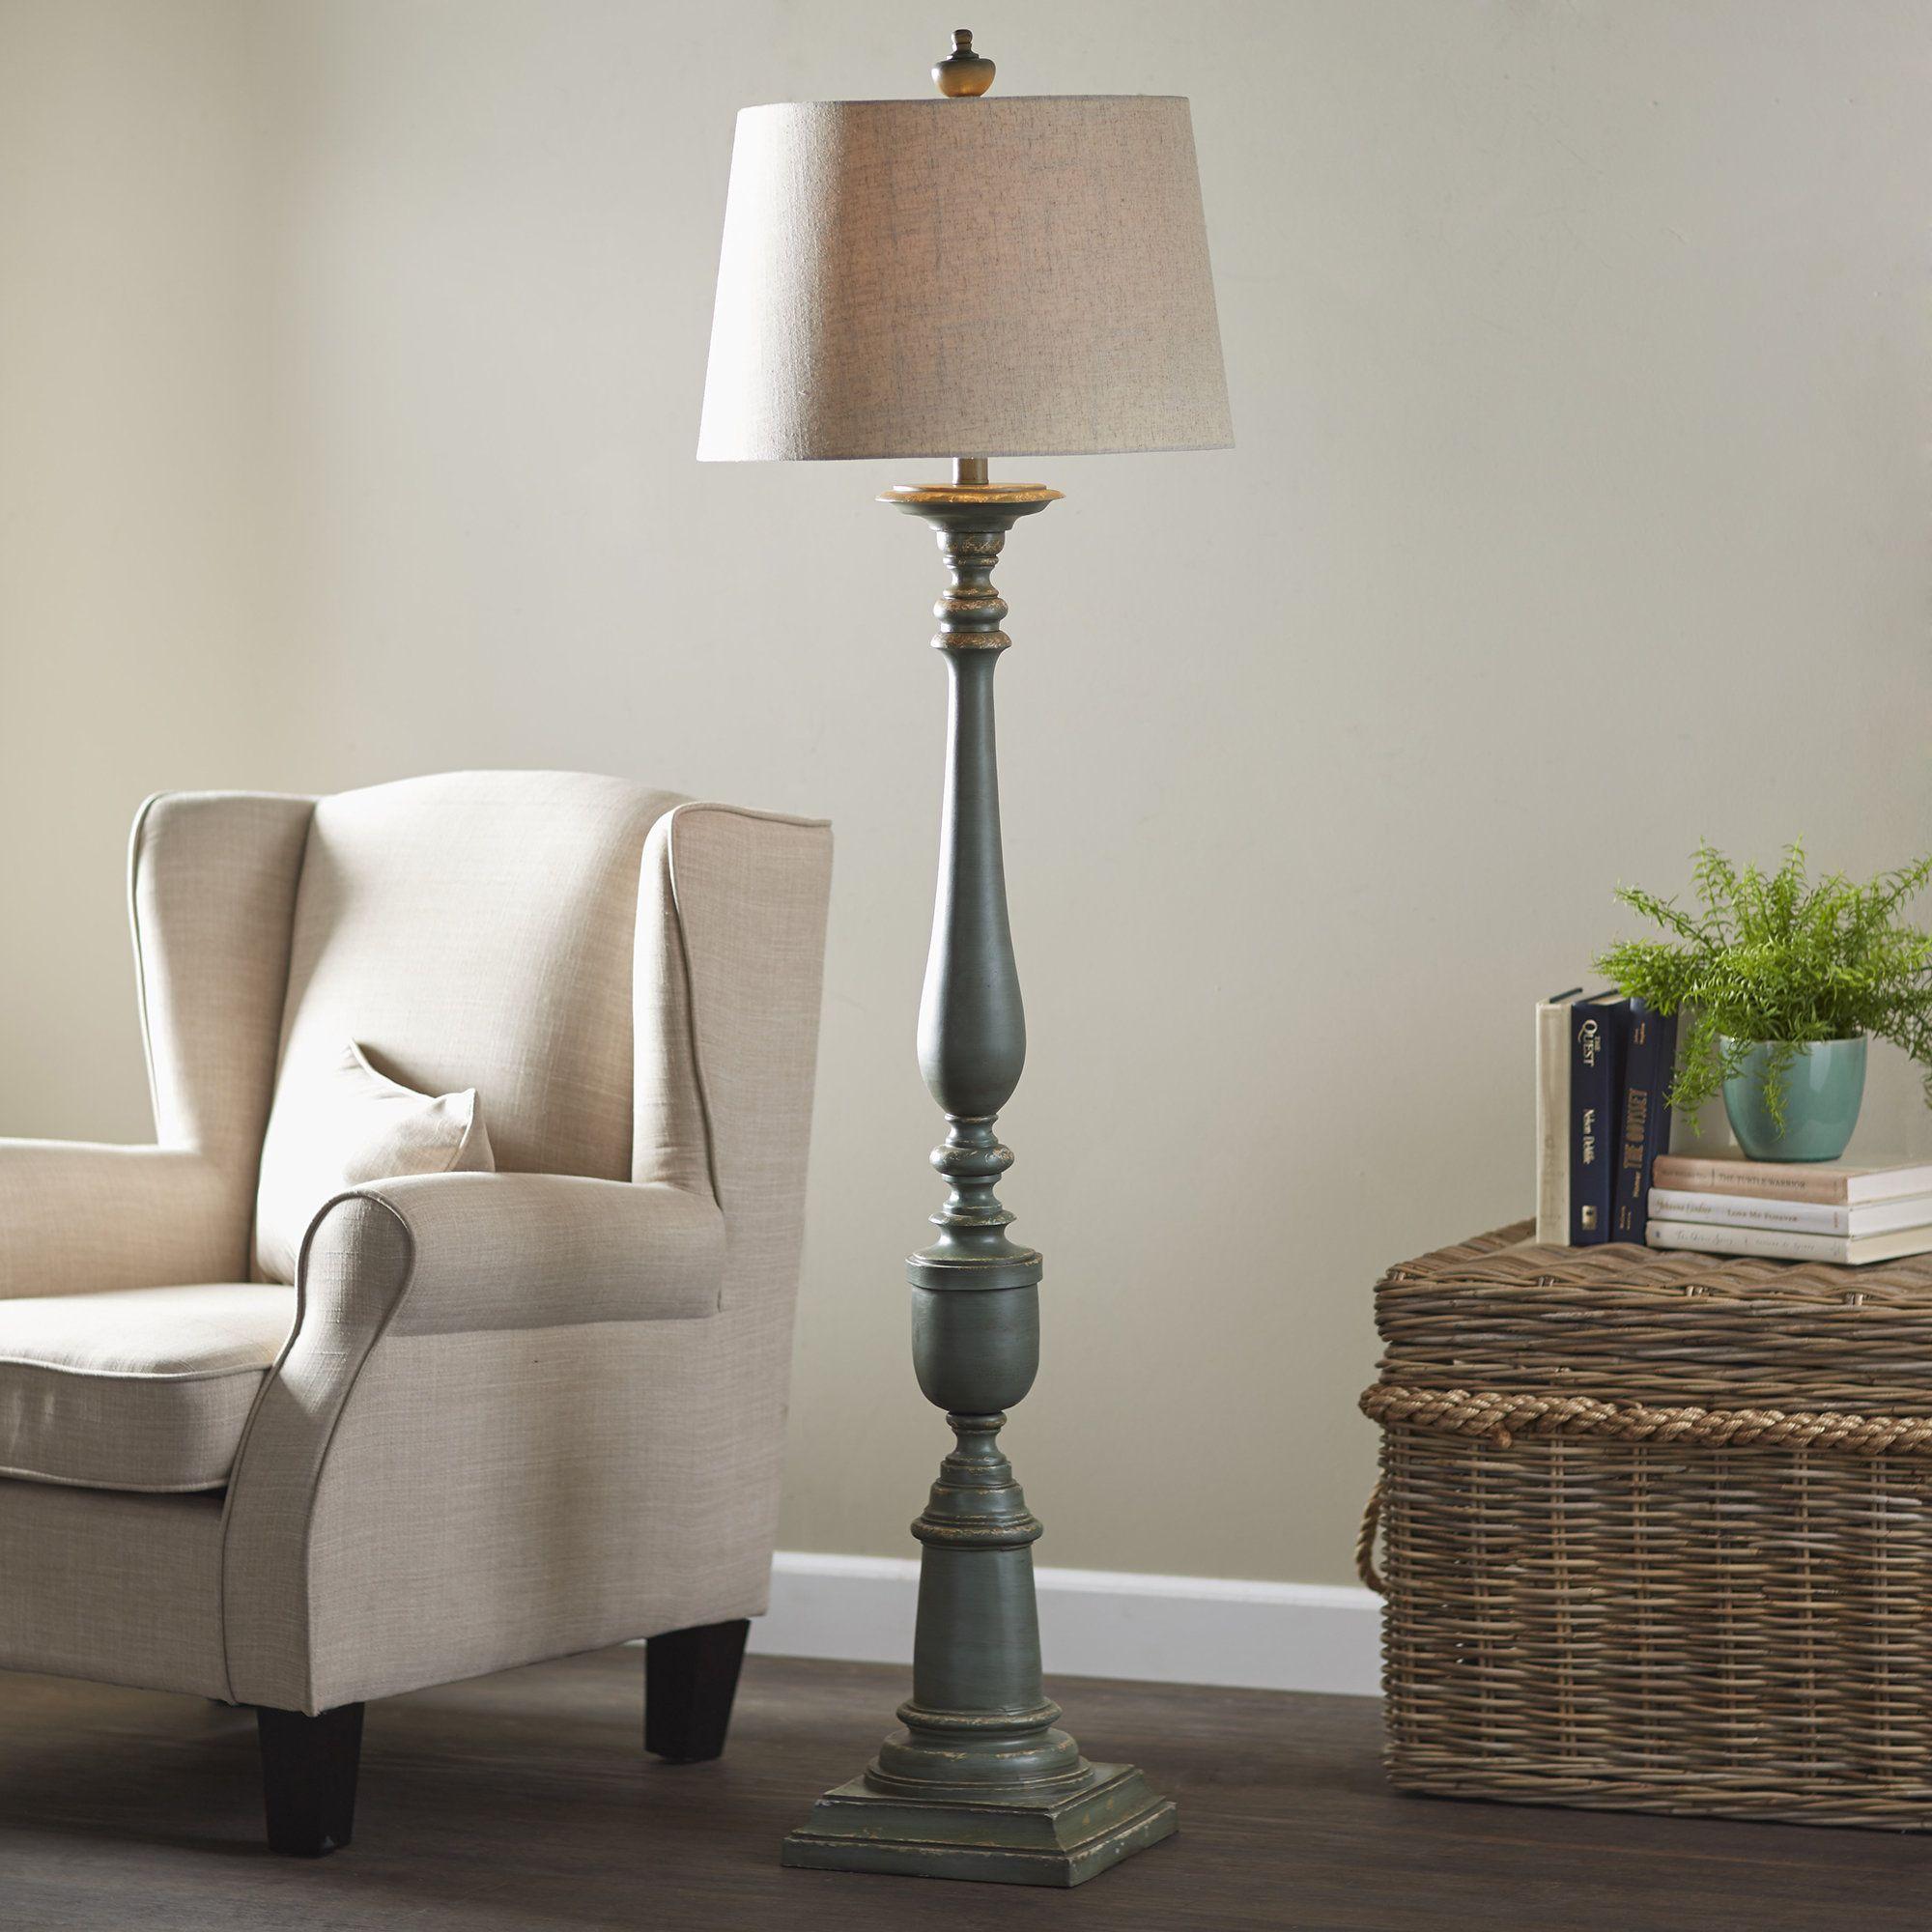 Bordeaux Classic 66 Floor Lamp Products Farmhouse Lamps Floor Lamp Farmhouse Floor Lamps